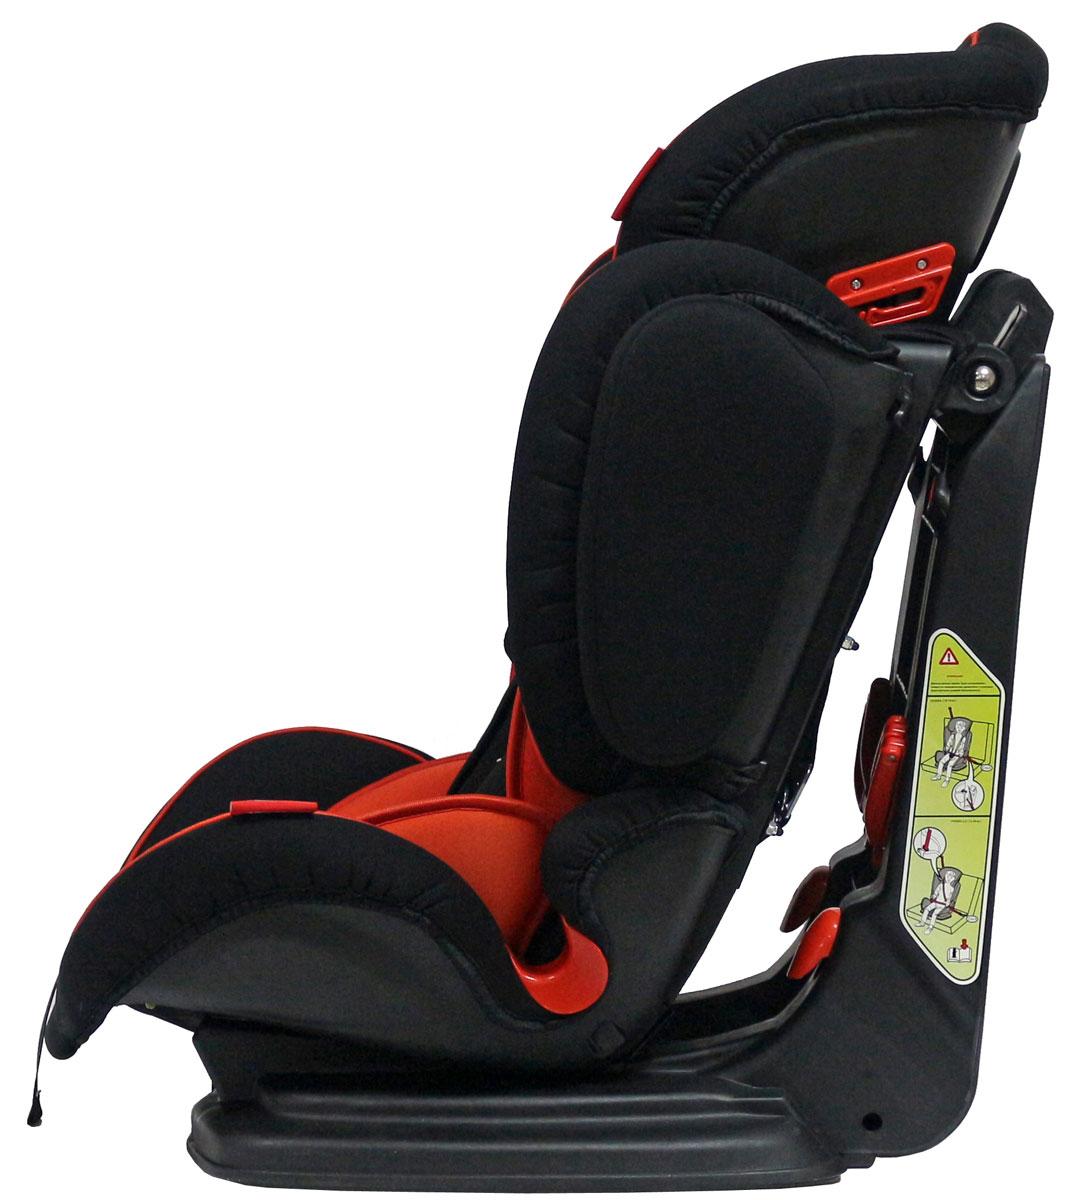 Ежегодно немецкий автоклуб adac проводит серию тестов детских автокресел, выбирая самые актуальные из продающихся моделей.